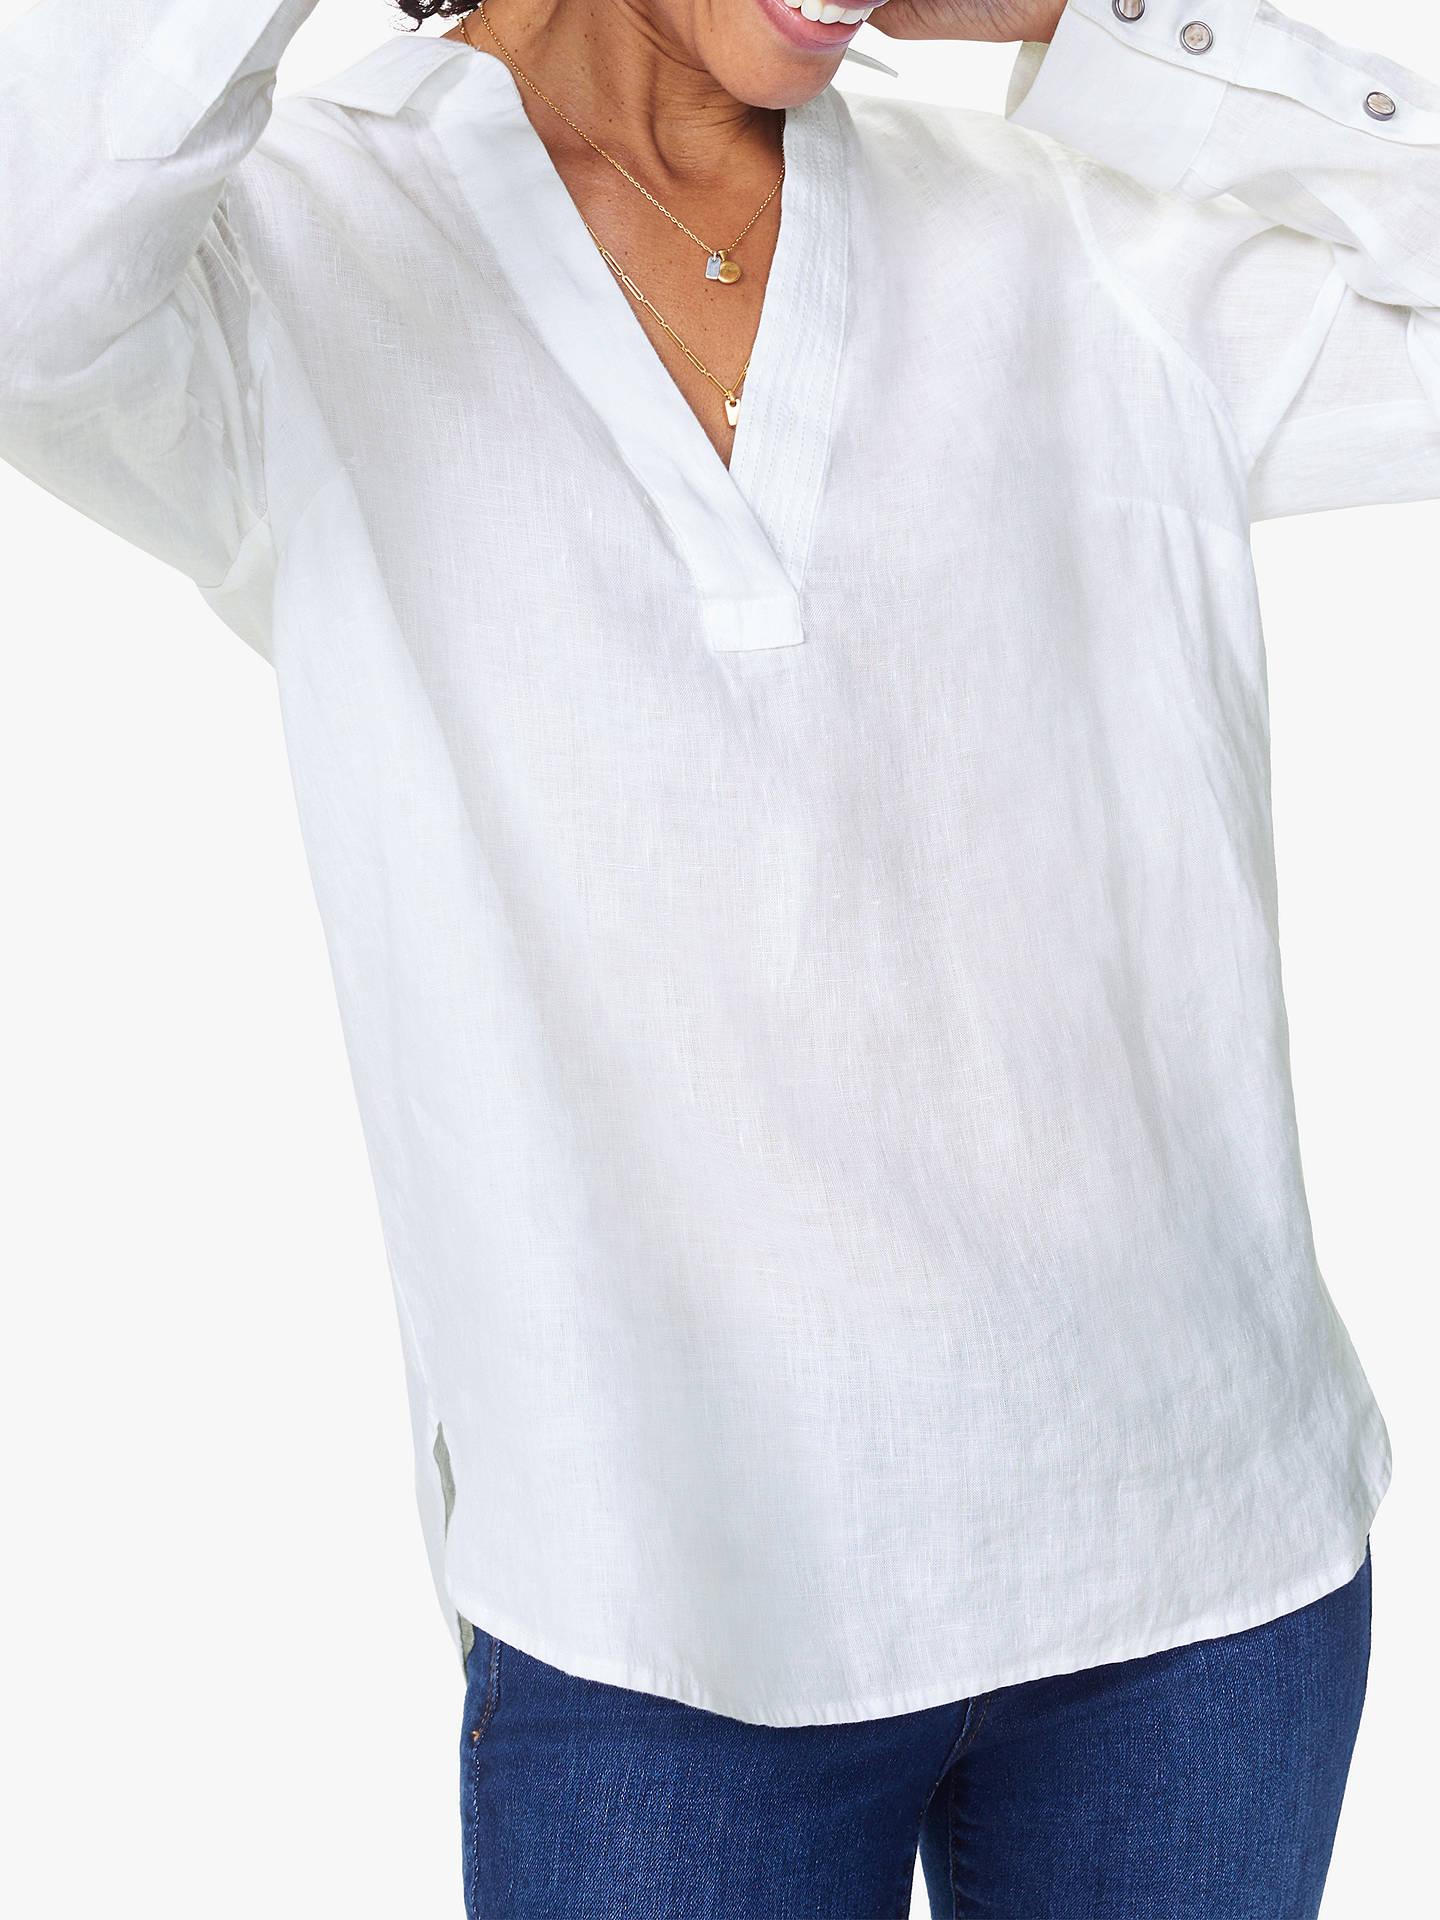 b46bc5f2de31a ... Buy NYDJ Popover Linen Shirt